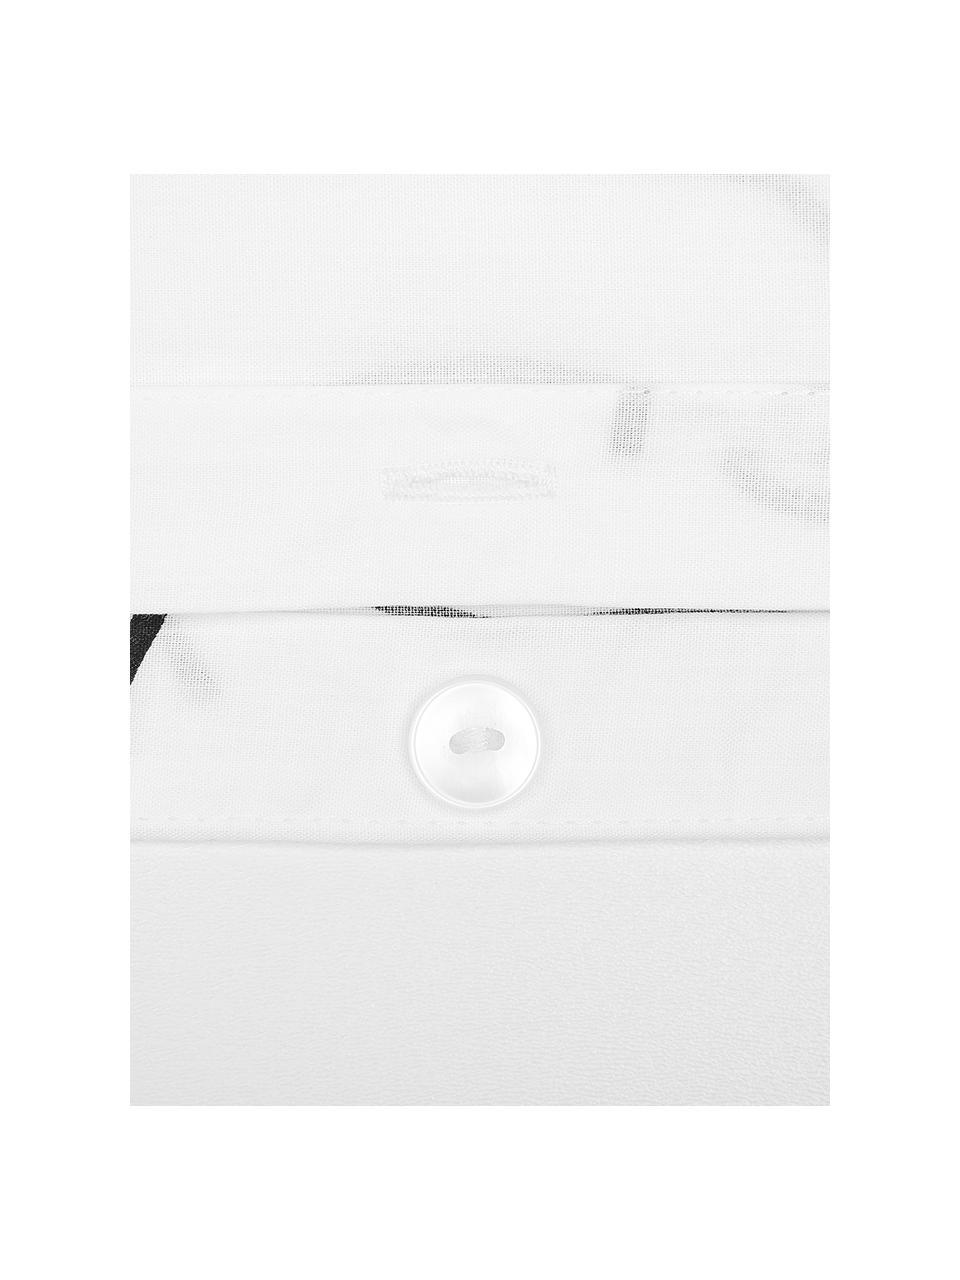 Baumwollperkal-Bettwäsche Aria mit One Line Zeichnung, Webart: Perkal Fadendichte 180 TC, Weiss, Schwarz, 135 x 200 cm + 1 Kissen 80 x 80 cm